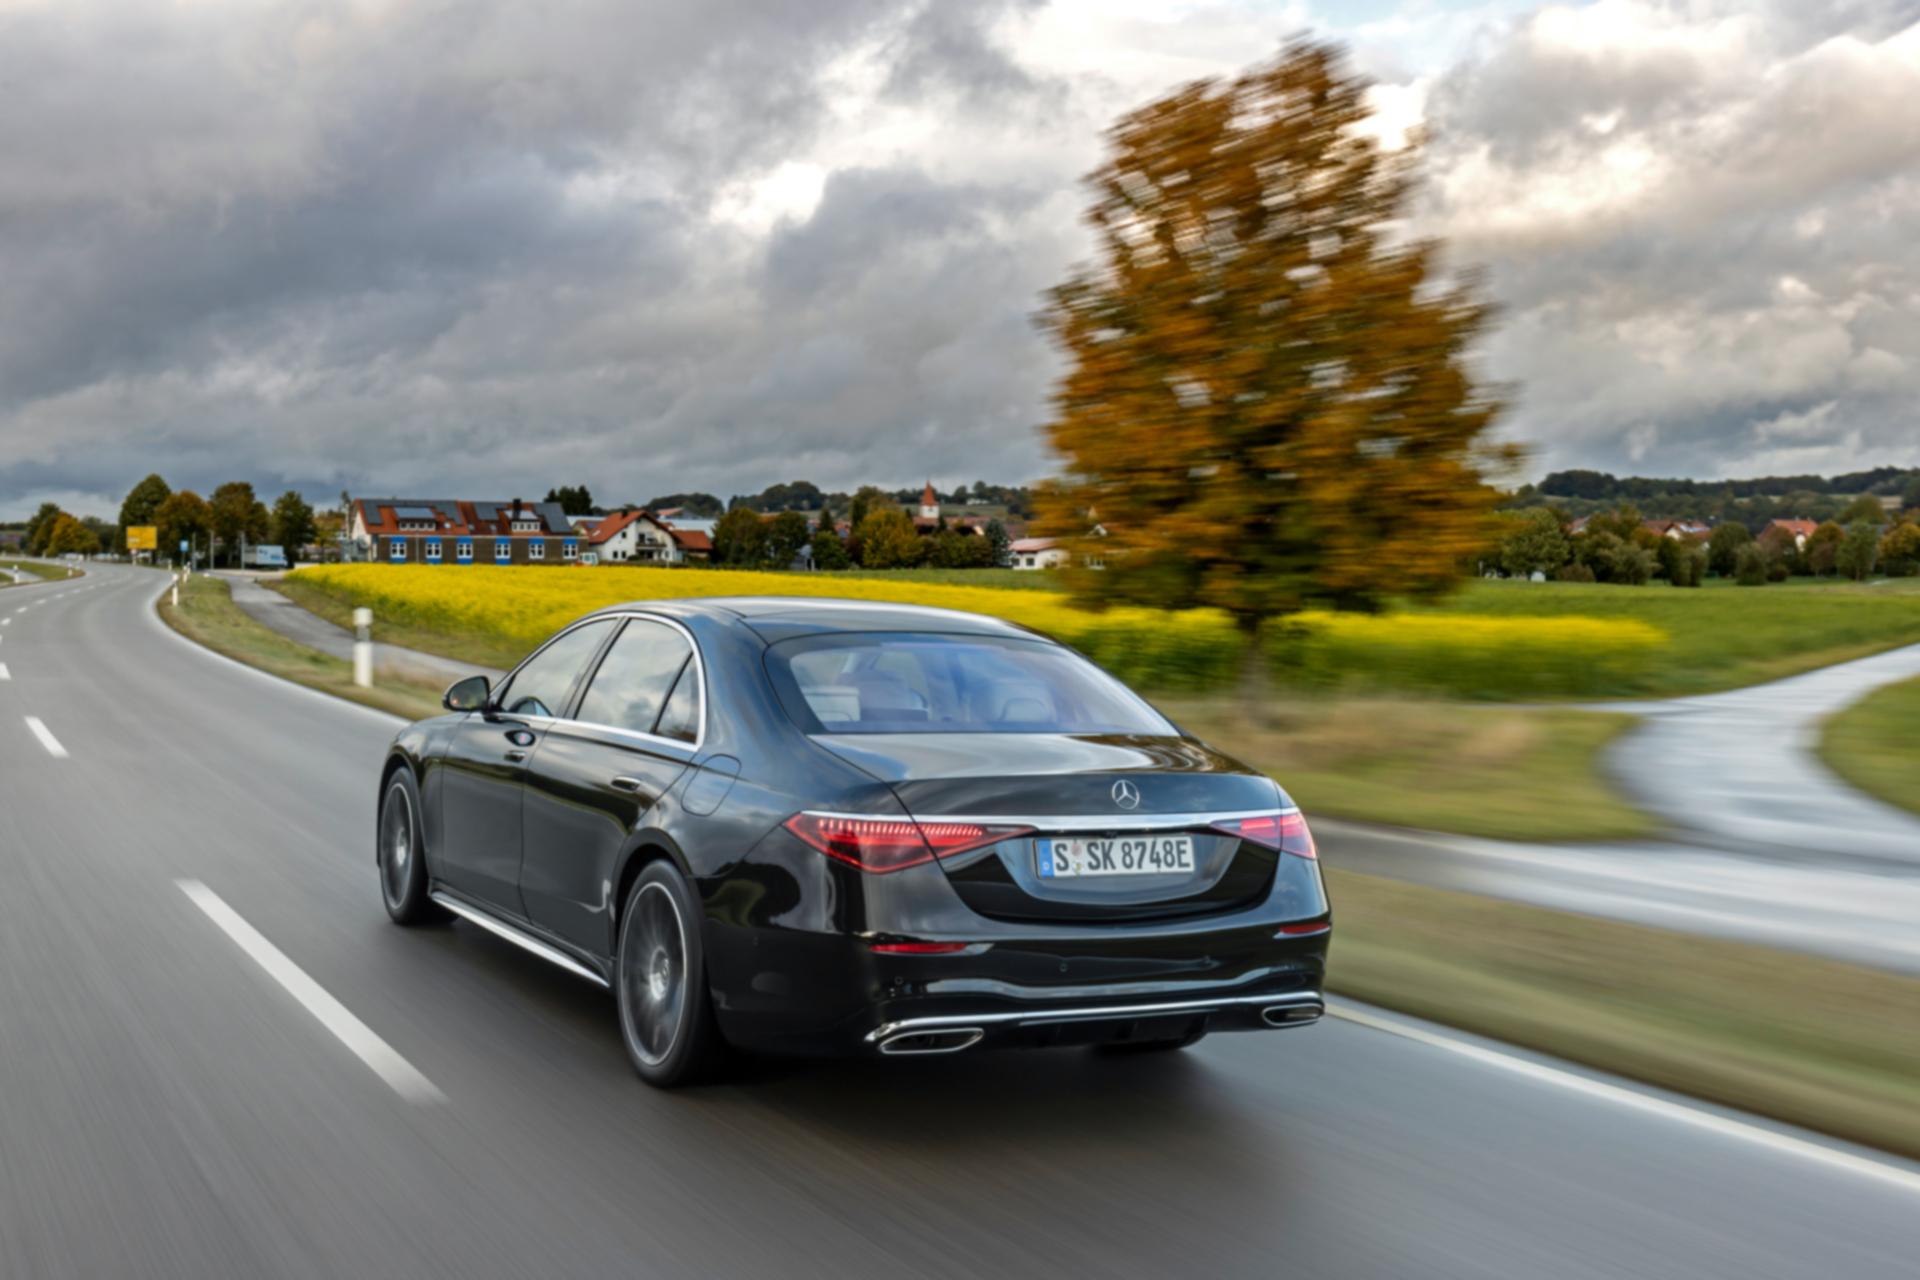 Як влаштований автопілот 3 рівня Drive Pilot від Mercedes-Benz